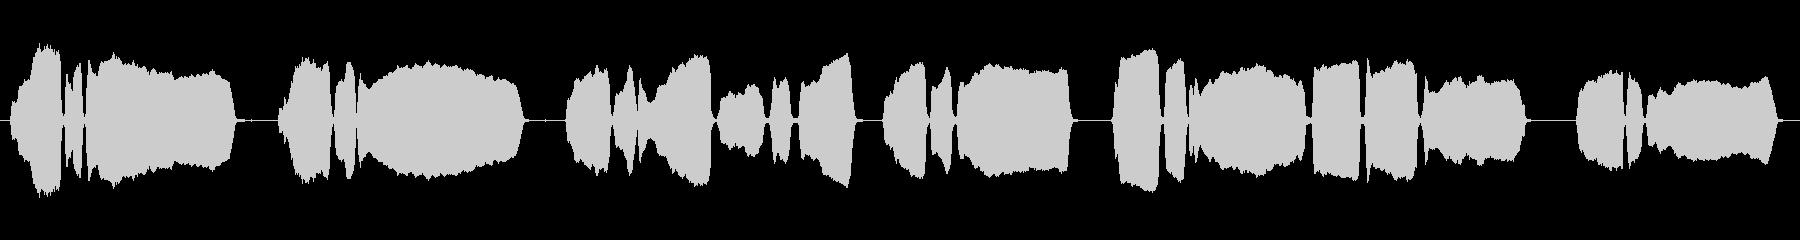 ラッパ演奏タップの未再生の波形